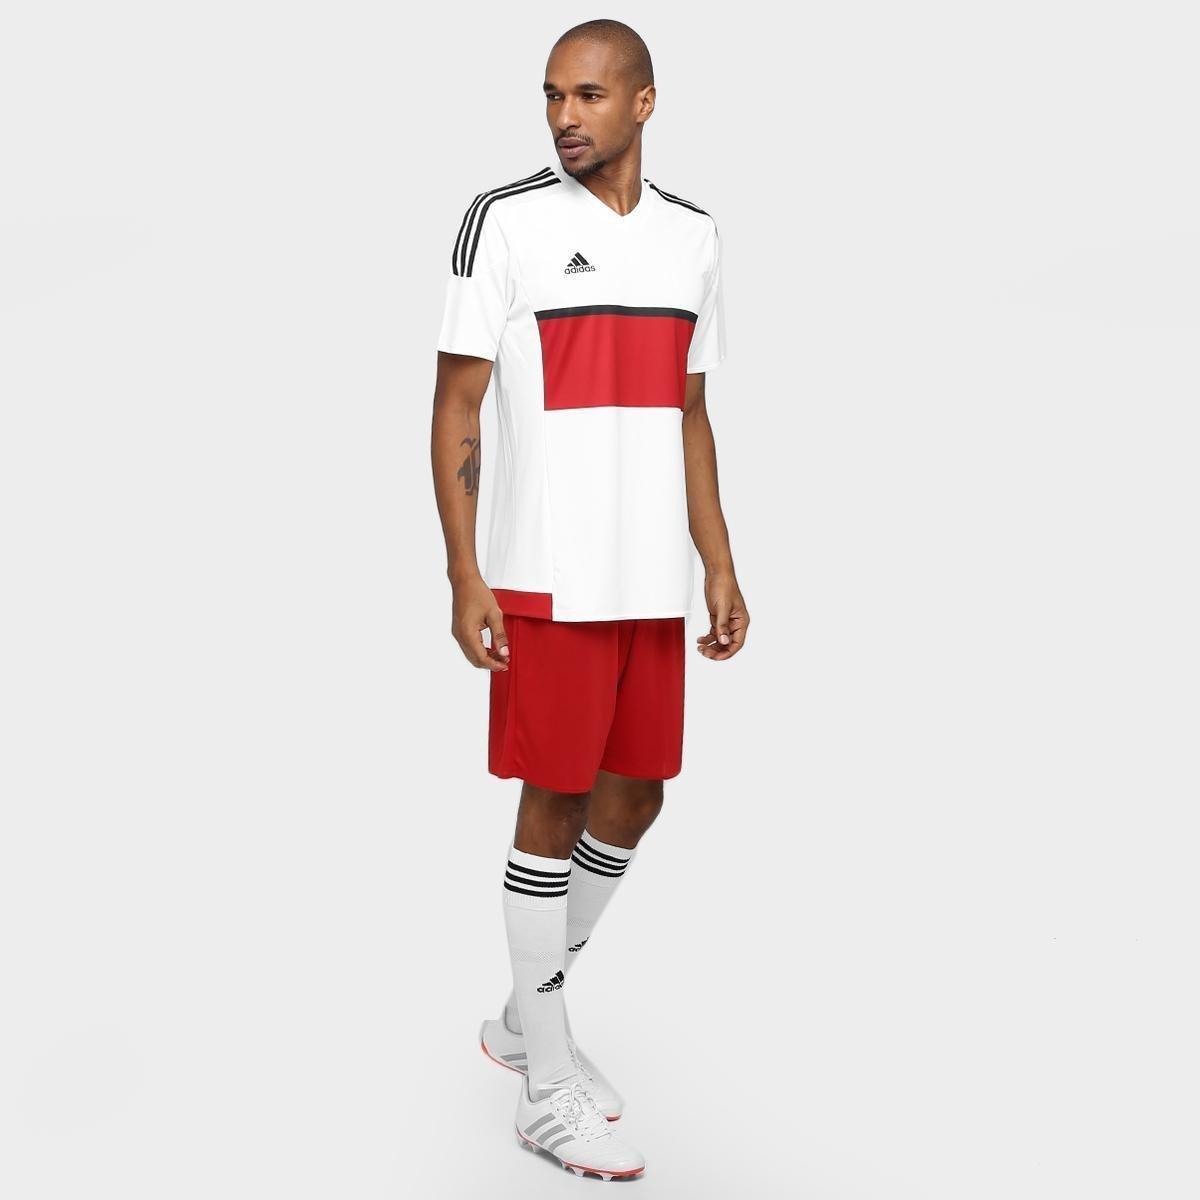 ... Calção Adidas Parma Masculino. Calção Adidas Parma Masculino - Vermelho +Branco add1e3ad0ecc8